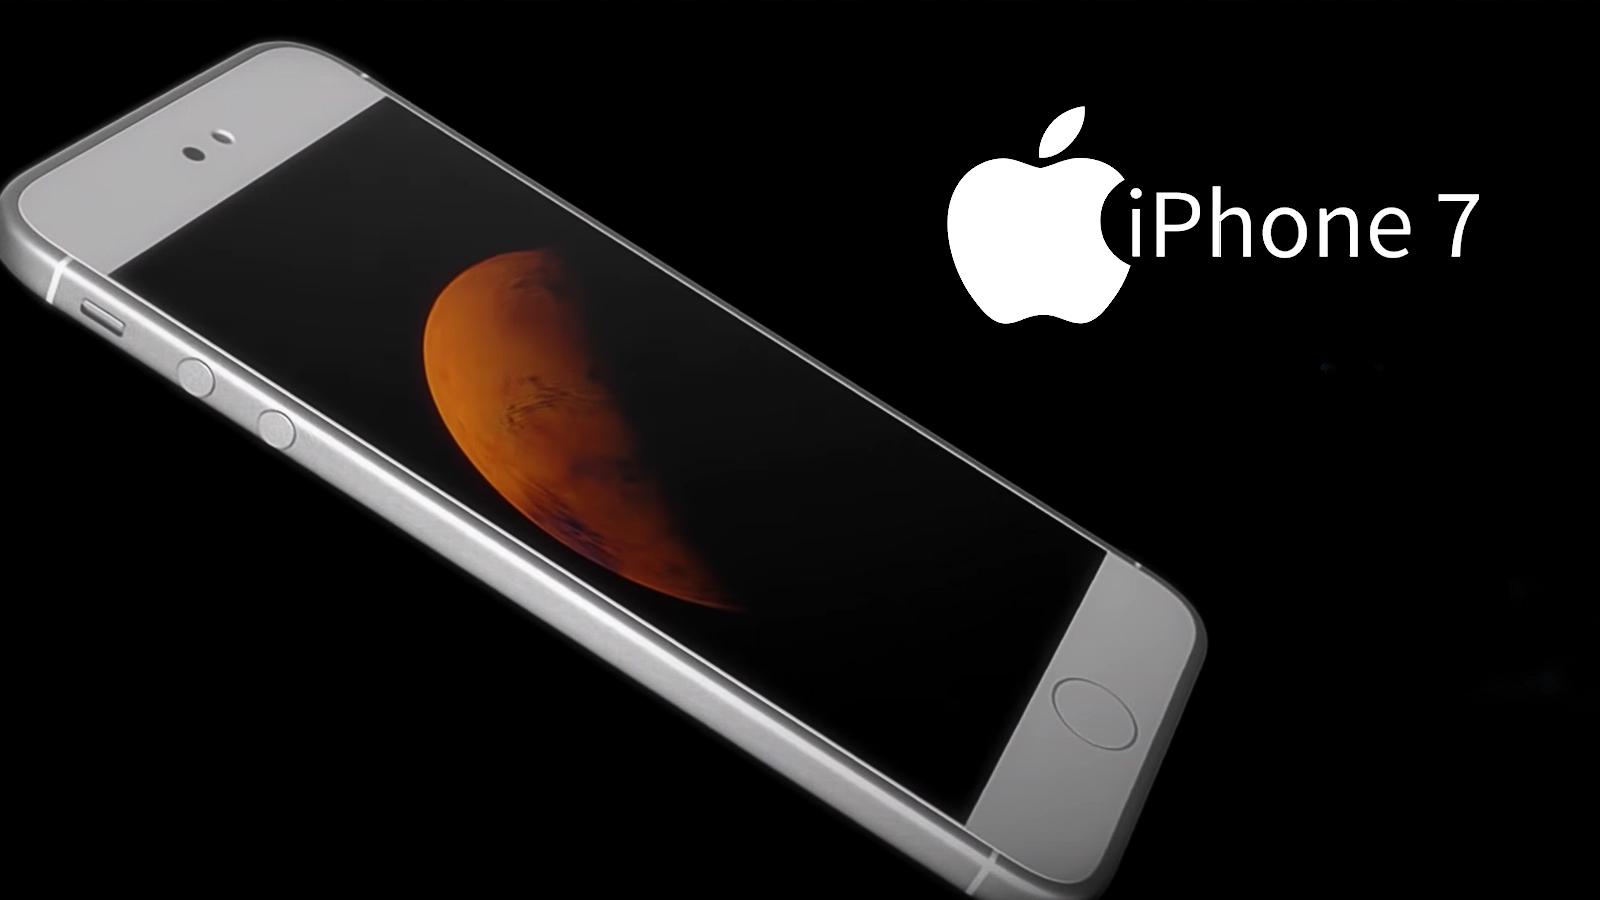 Iphone 7 e 7 plus in italia spenderemo di pi - Altroconsumo fotovoltaico ...